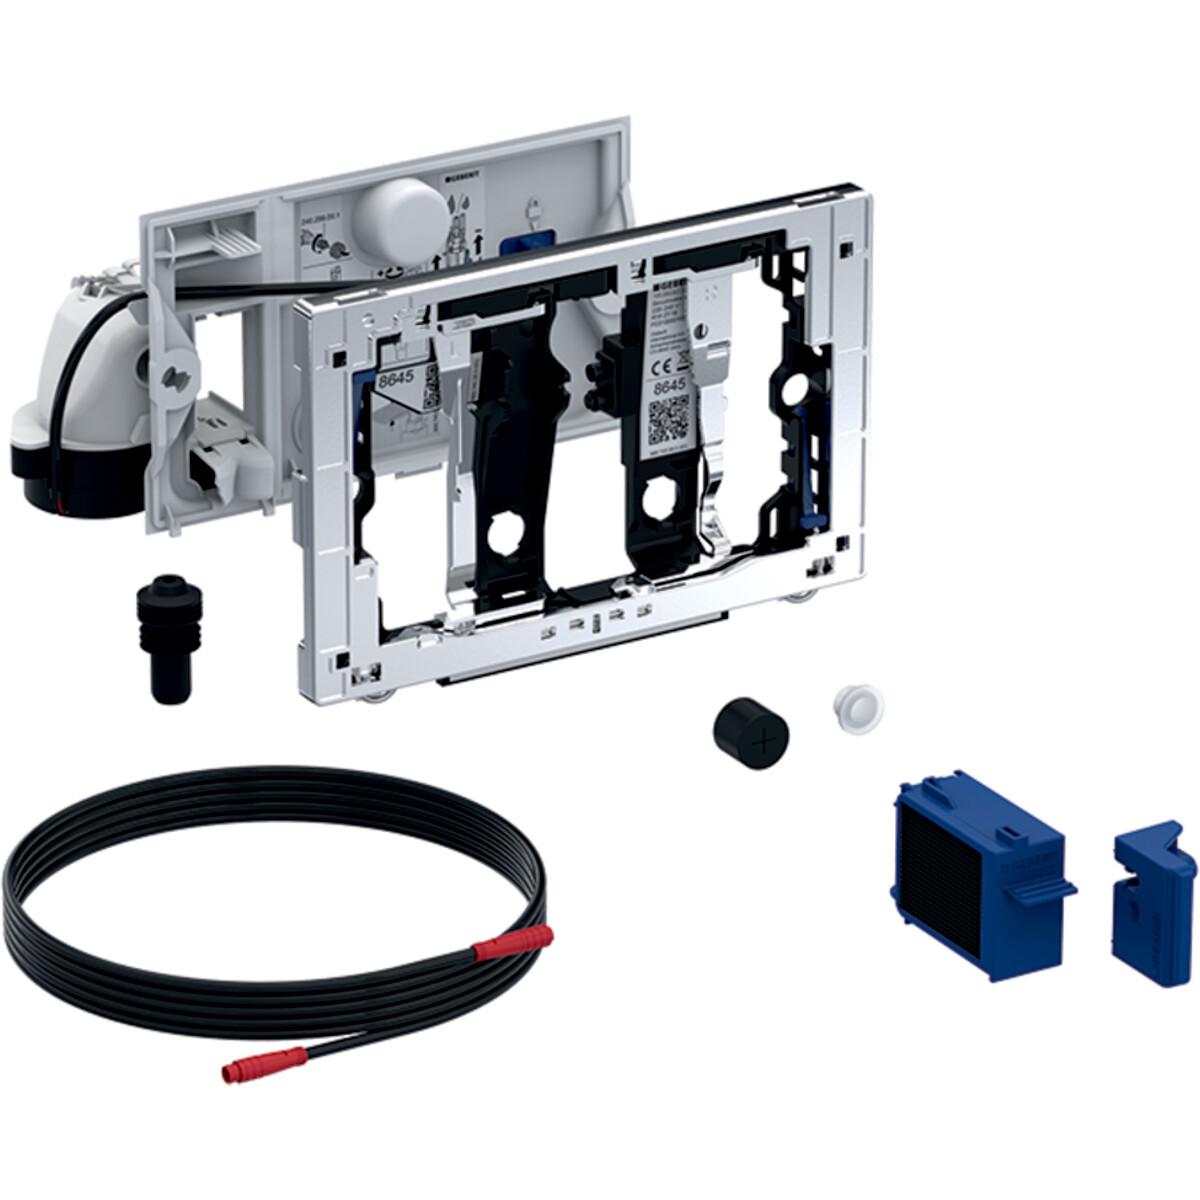 Module Geberit DuoFresh avec déclenchement automatique, pour réservoir à encastrer Sigma 12 cm